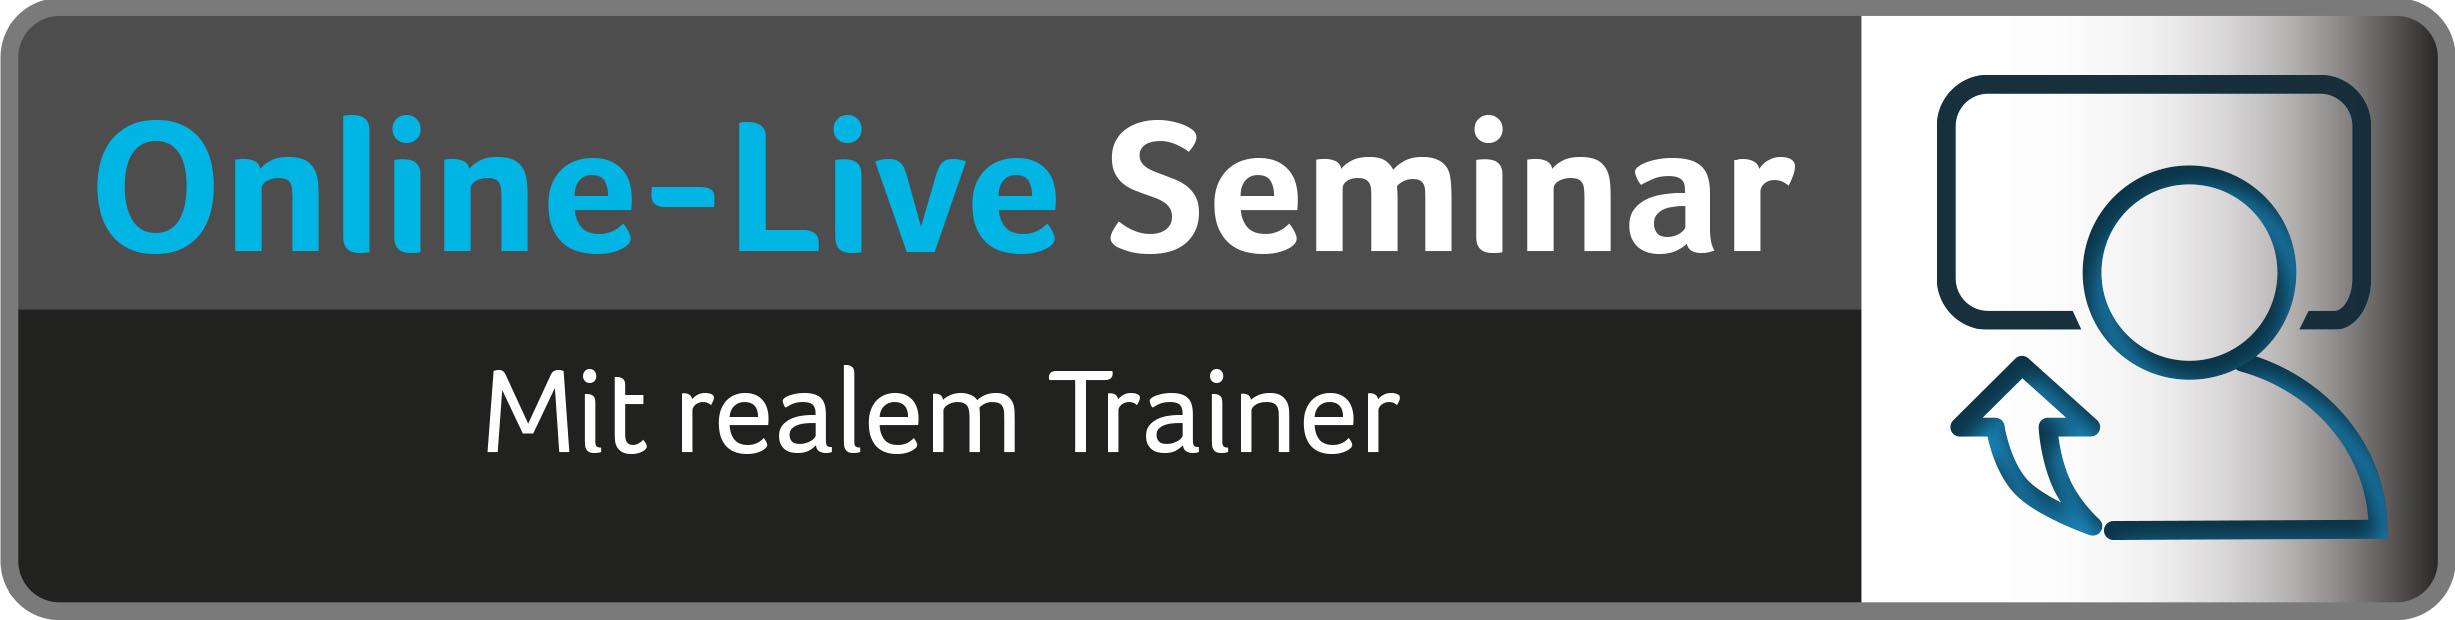 E-Learning - Online Live Seminar